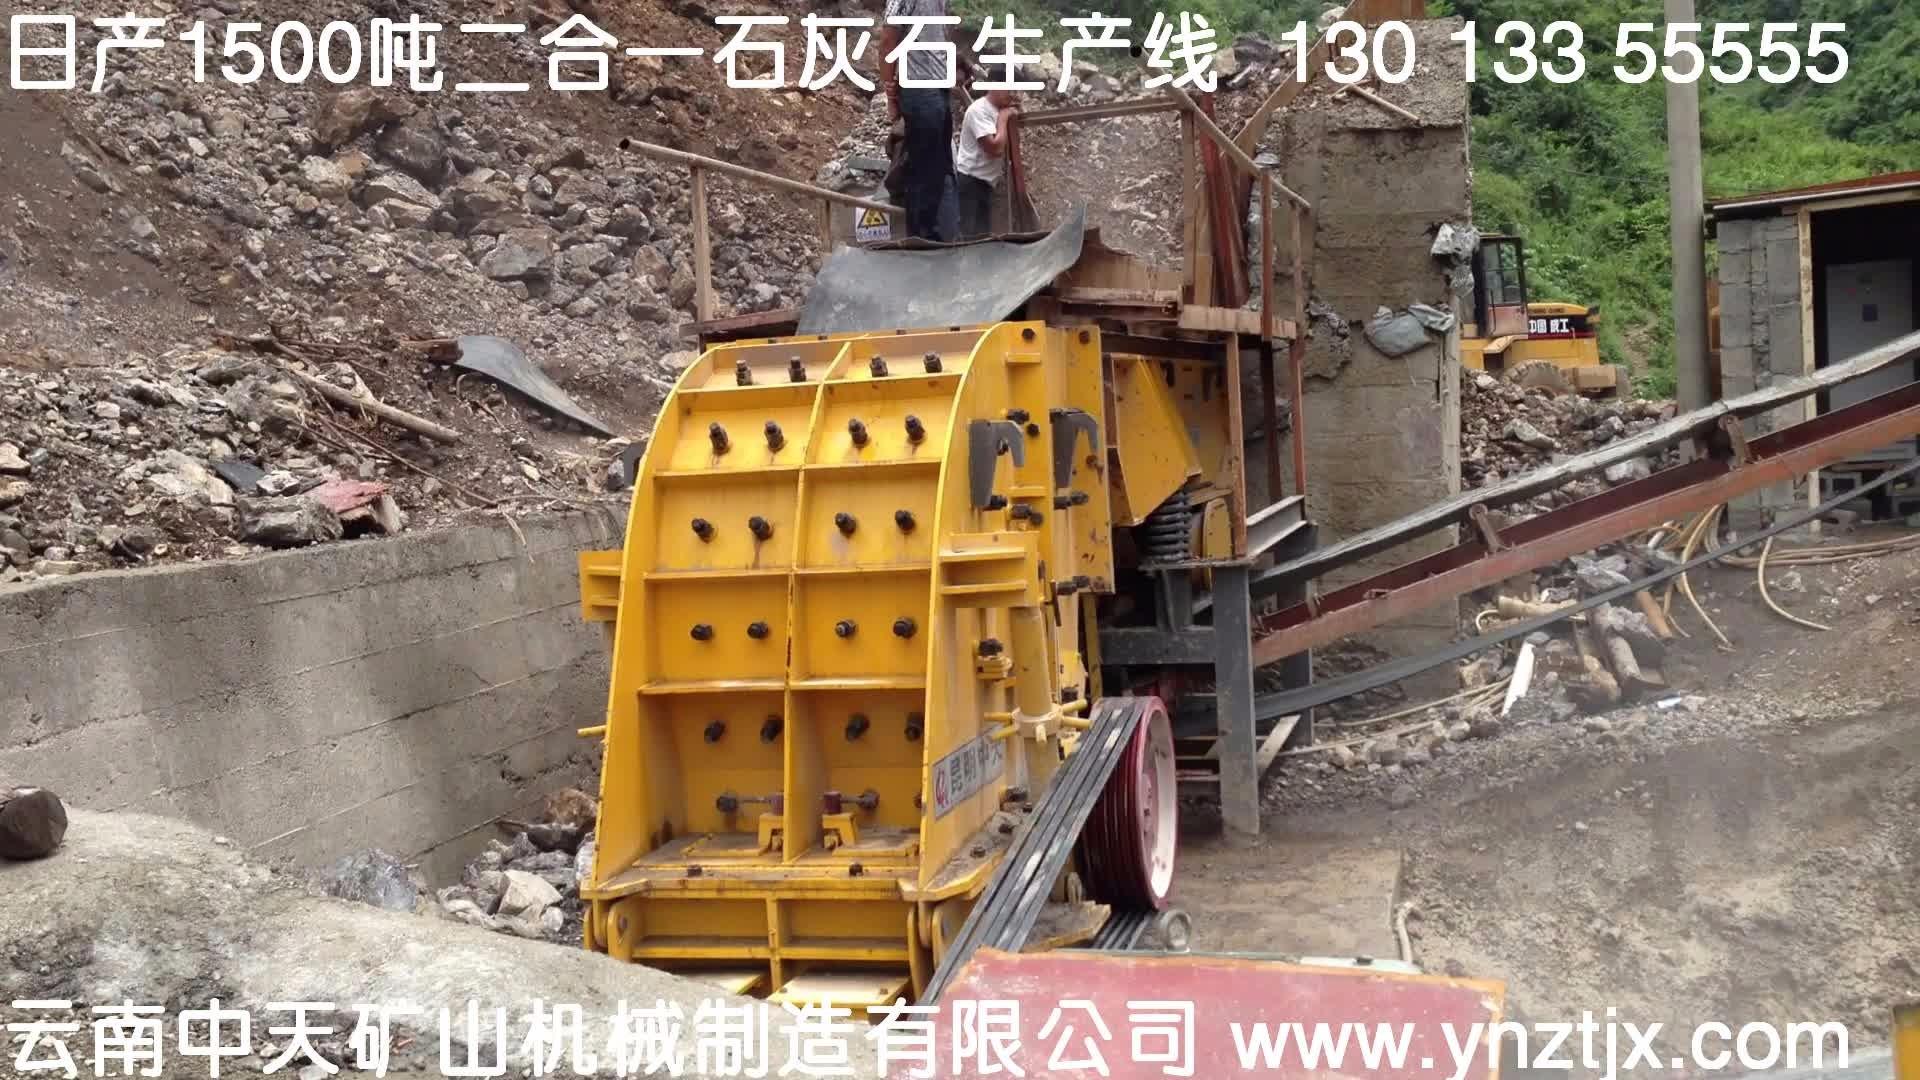 云南昭通日产1500吨manbetx官网电脑版石灰石生产线现场二